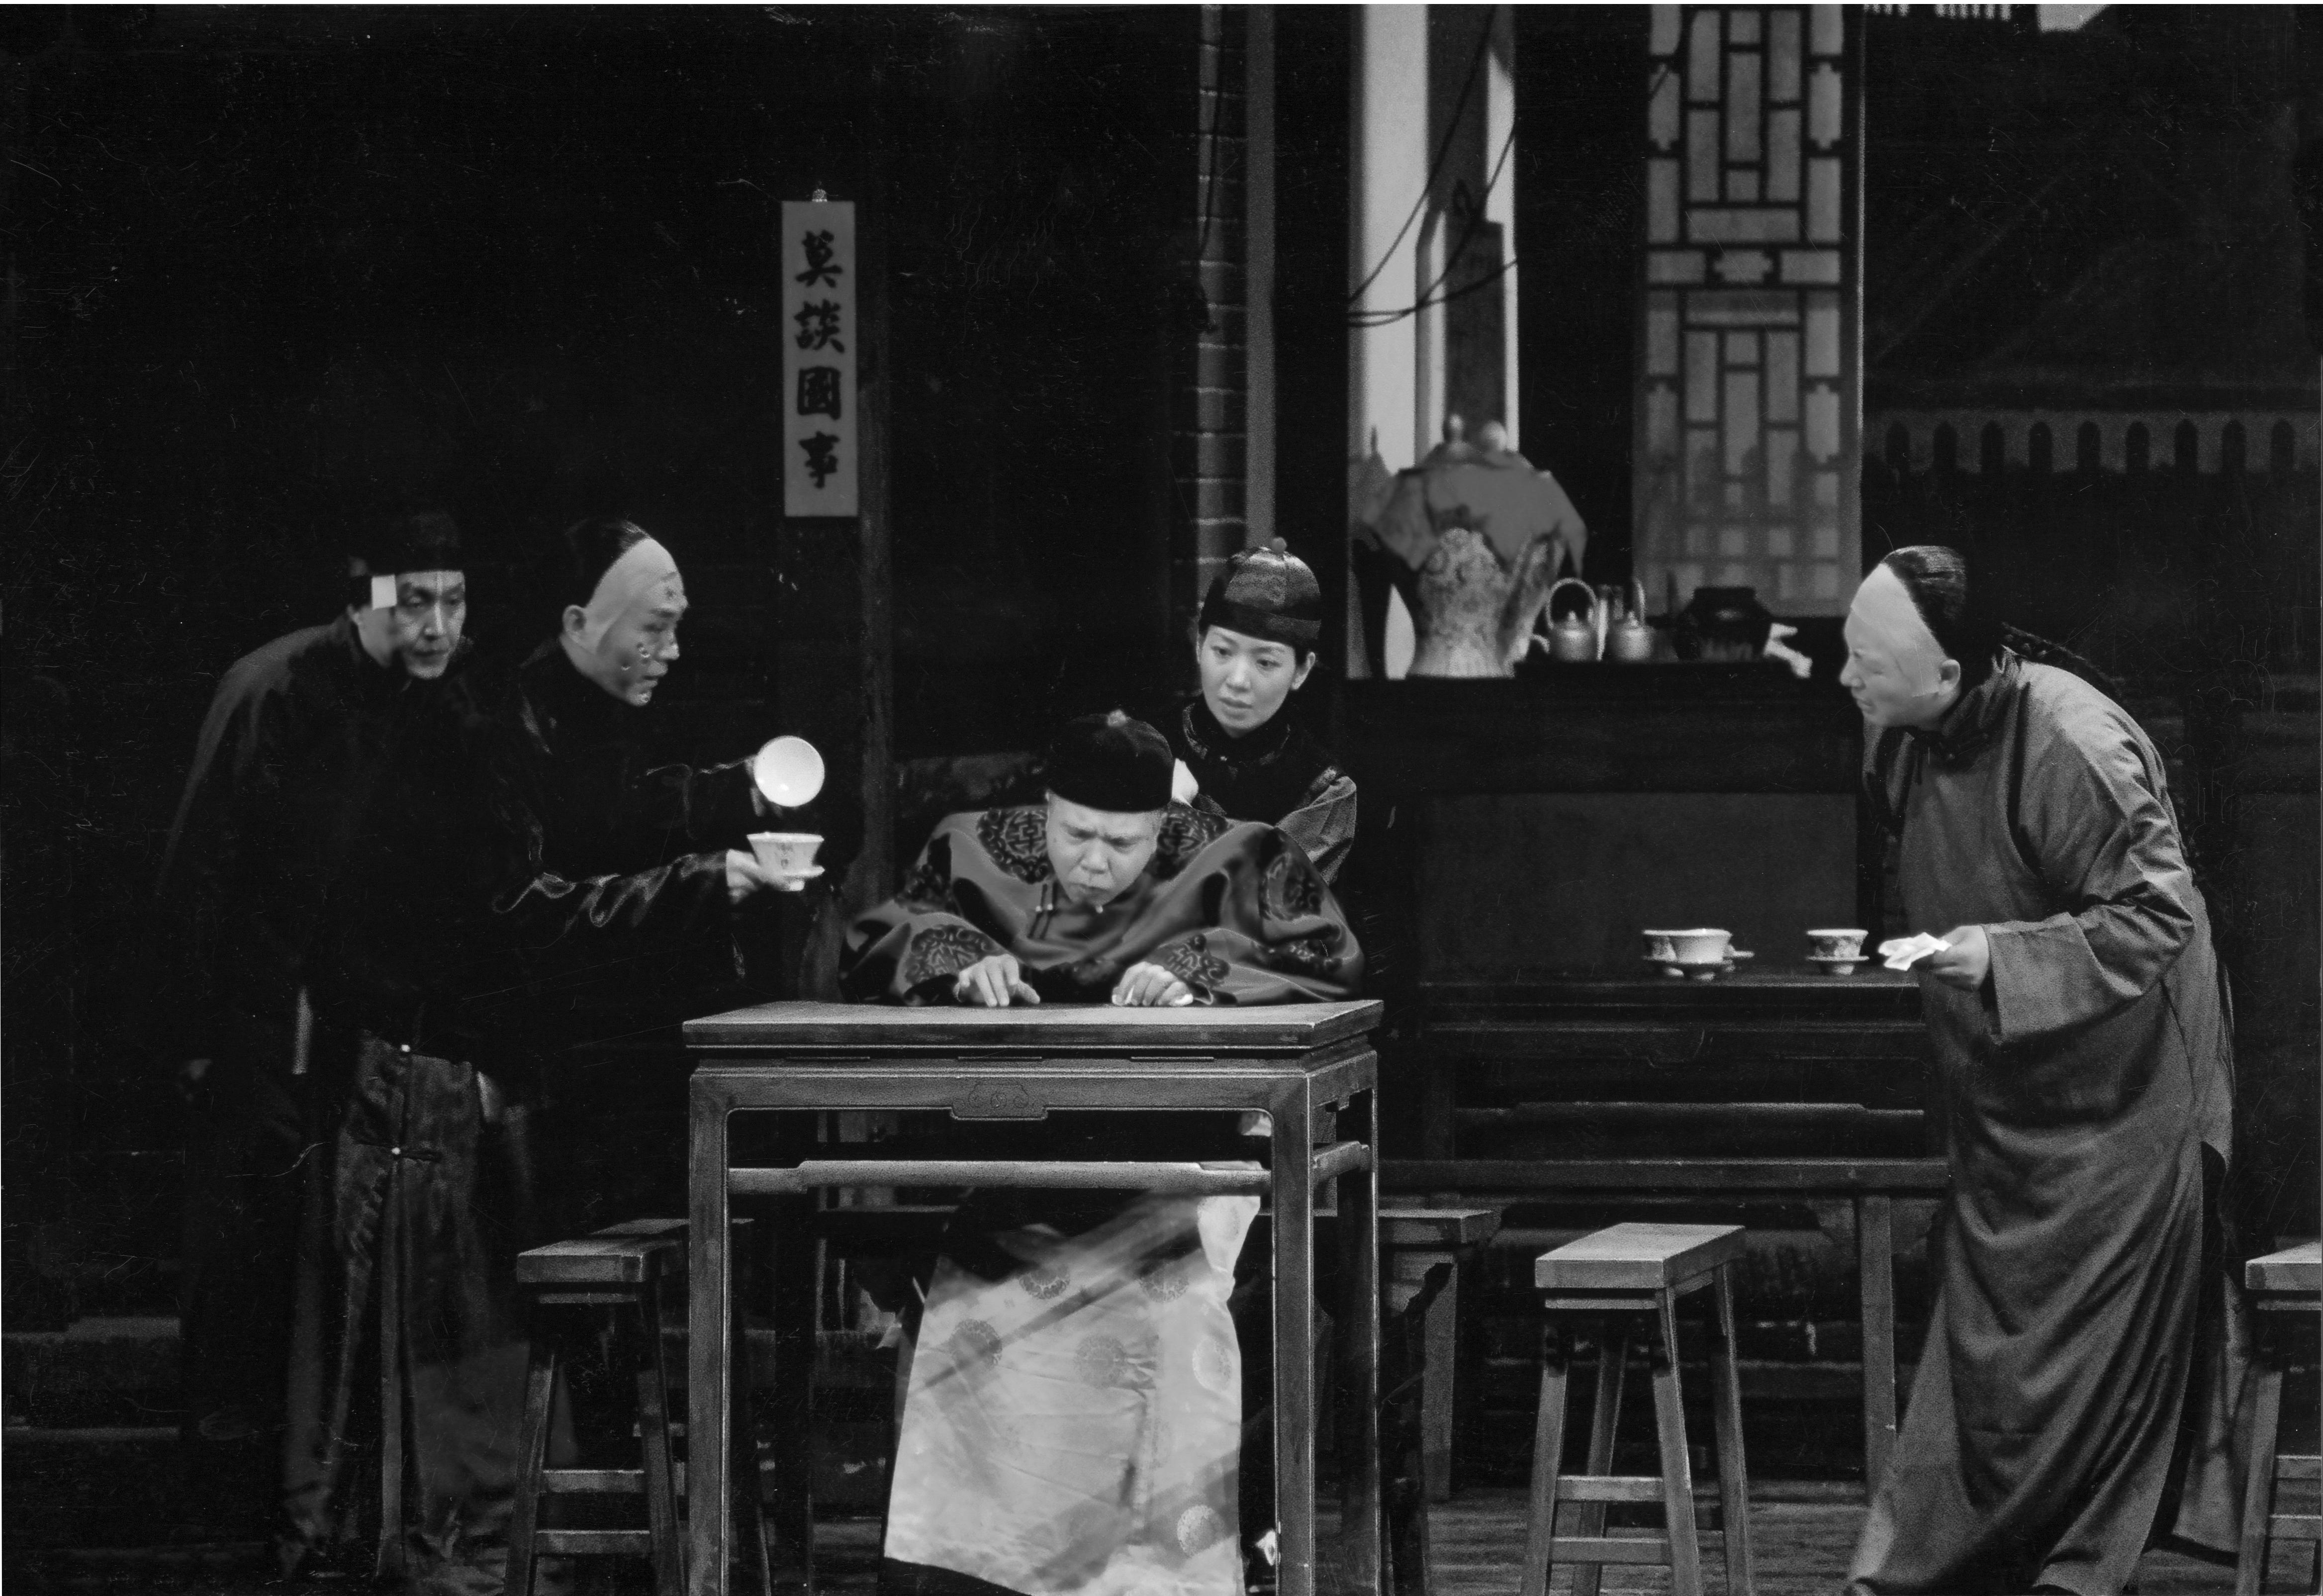 La maison de Thé, Théâtre de l'art du peuple de Pékin. ©Musée du Théâtre de l'art du Peuple de Pekin.